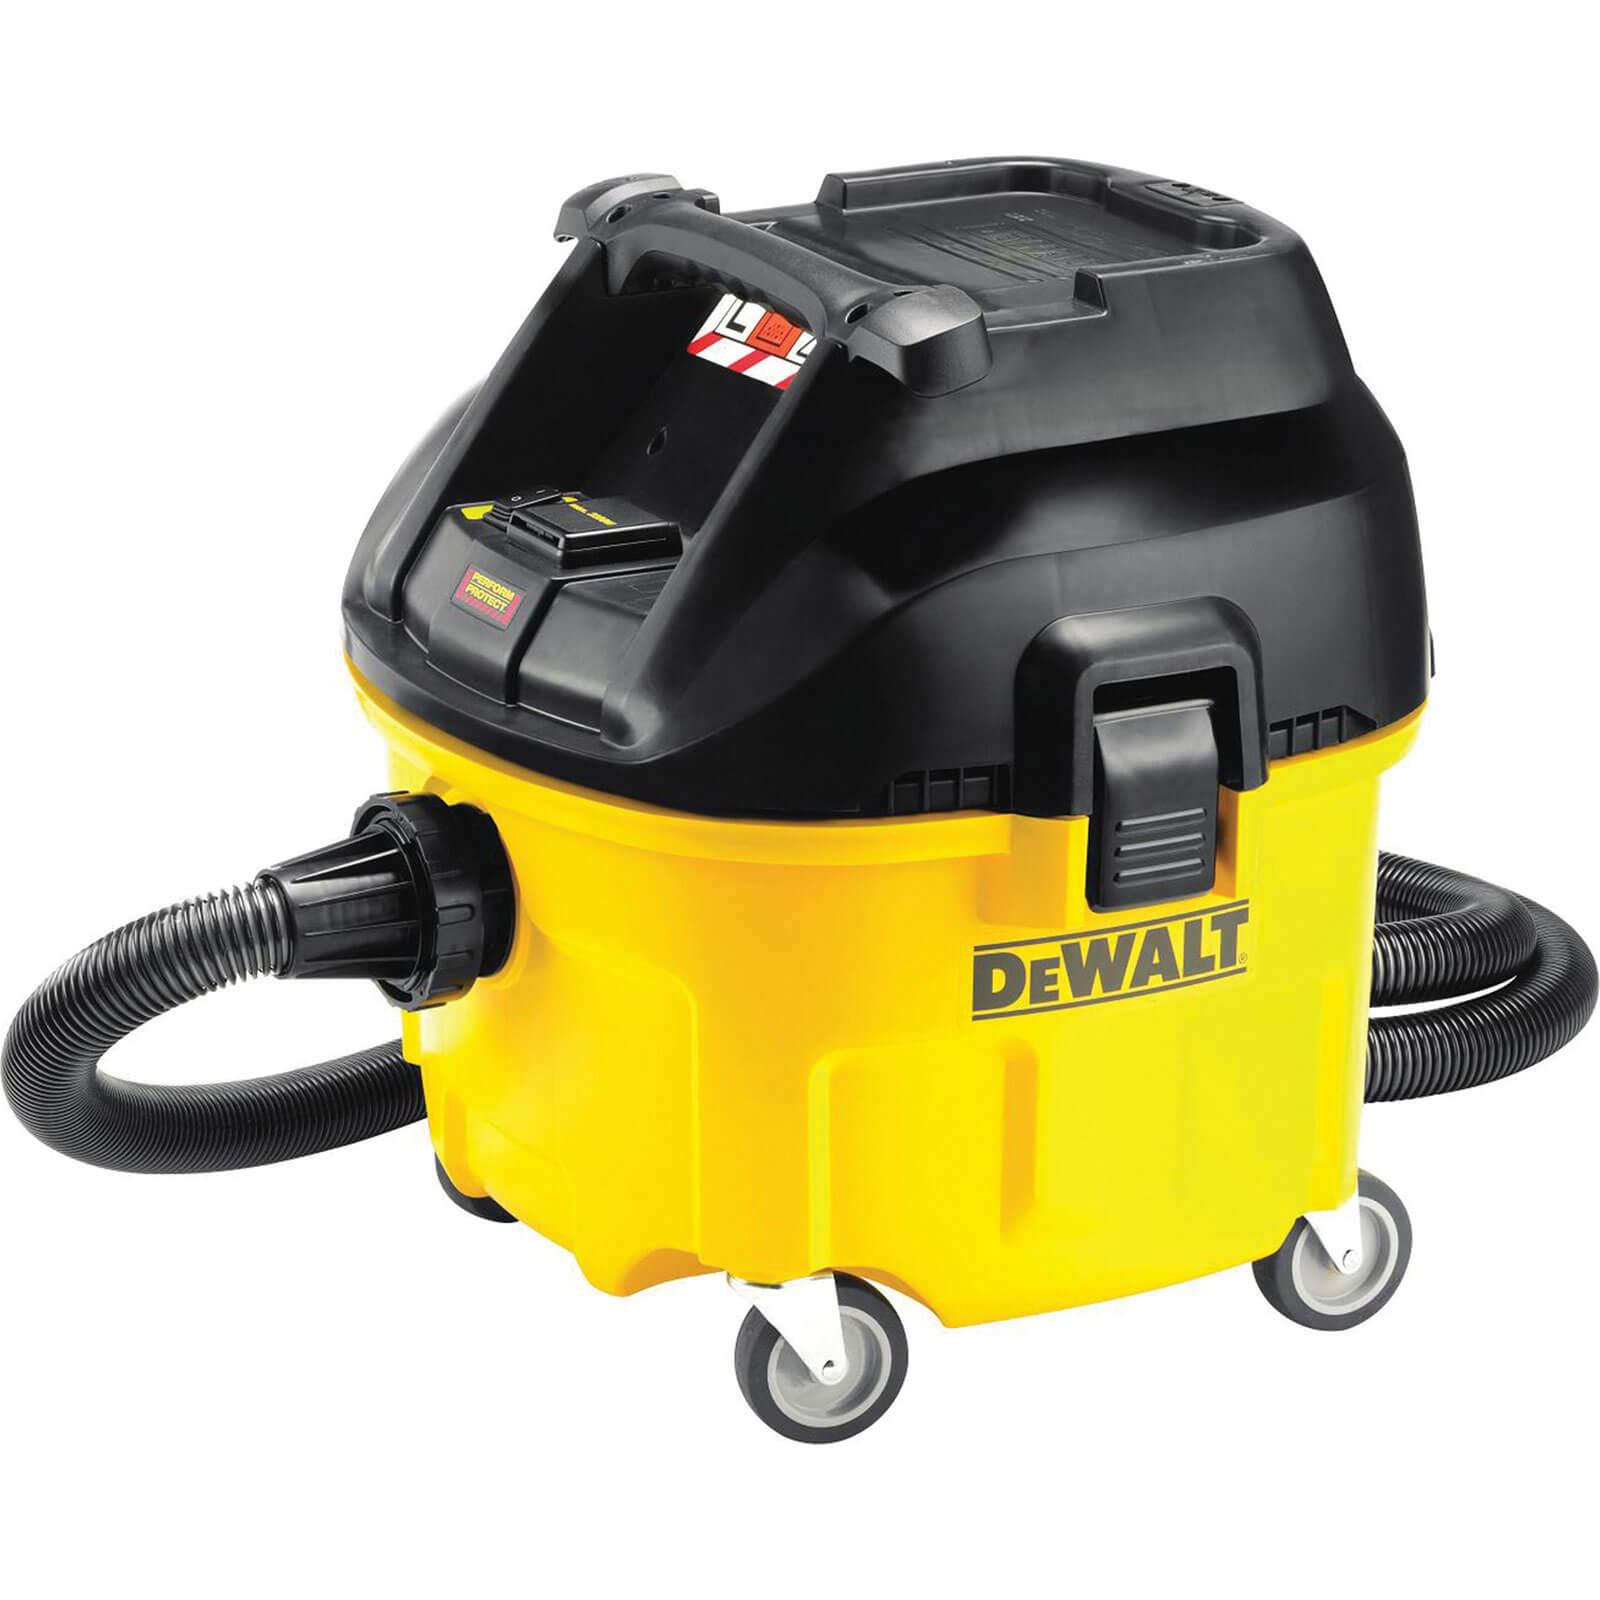 Image of DeWalt DWV901L Compact L Class Wet & Dry Dust Extractor 30L 1400 Watt 110v